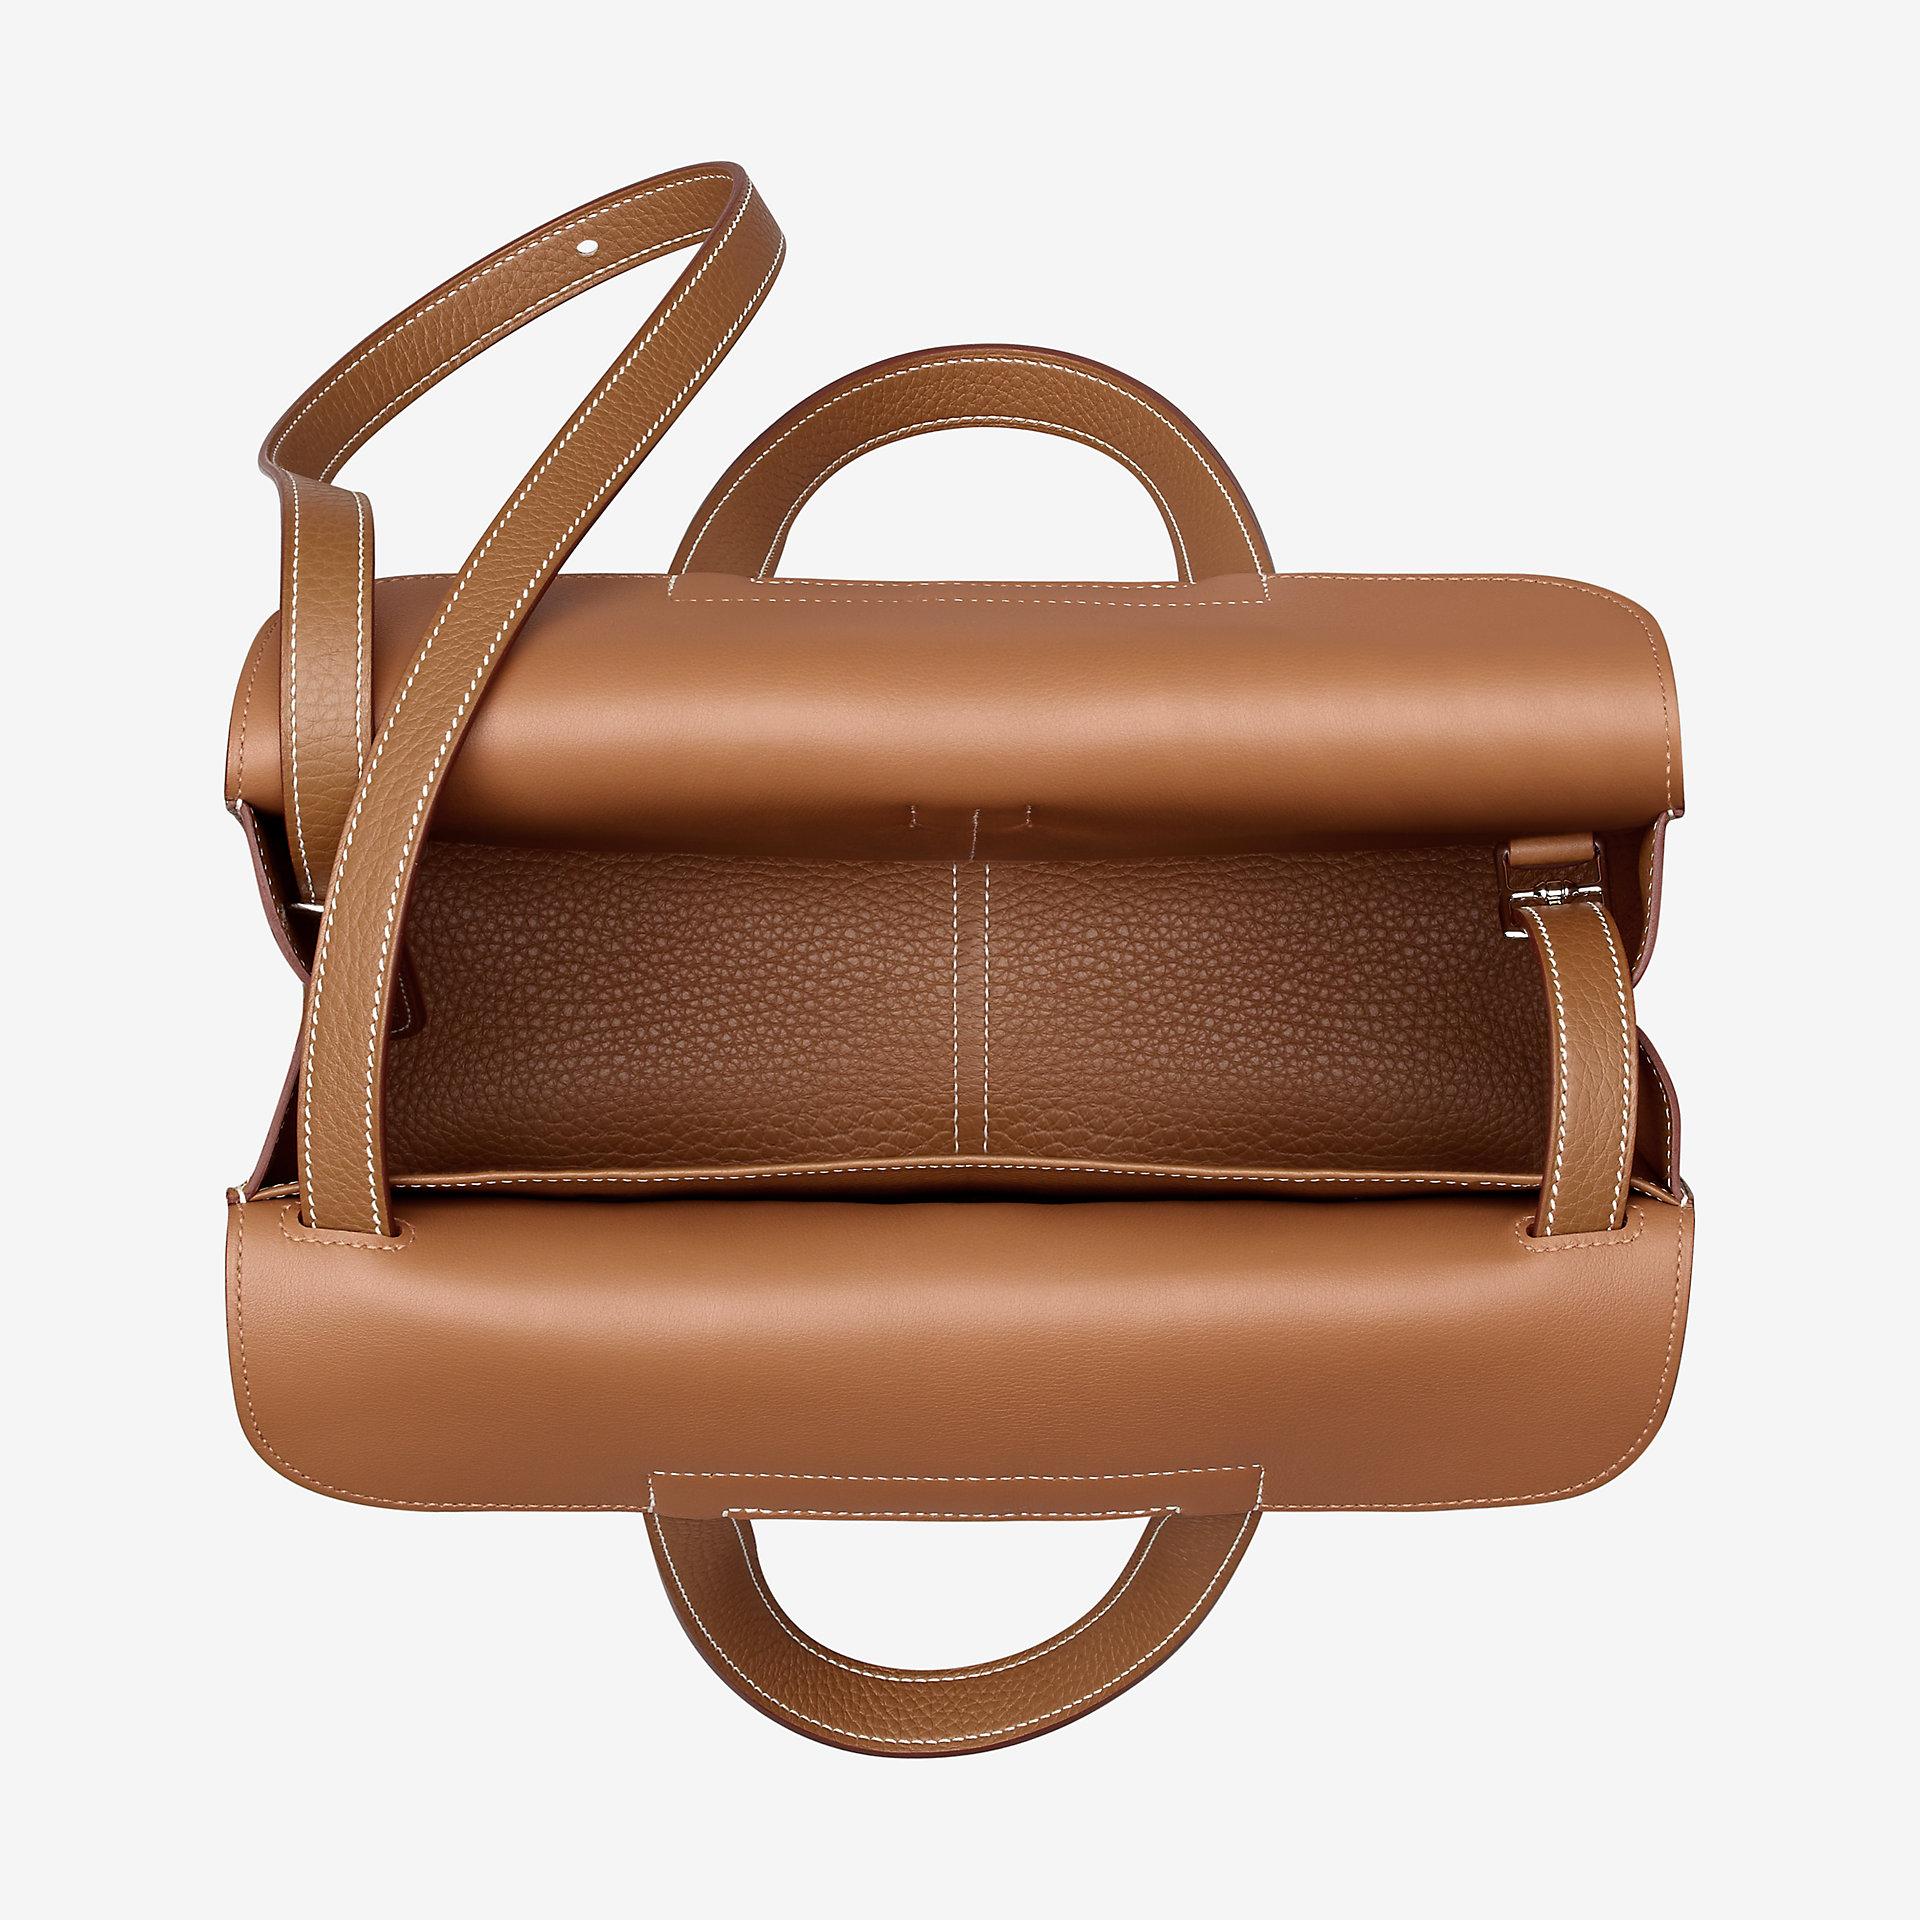 爱马仕Hermes Halzan 31cm bag gold Clemence小公牛皮手提包